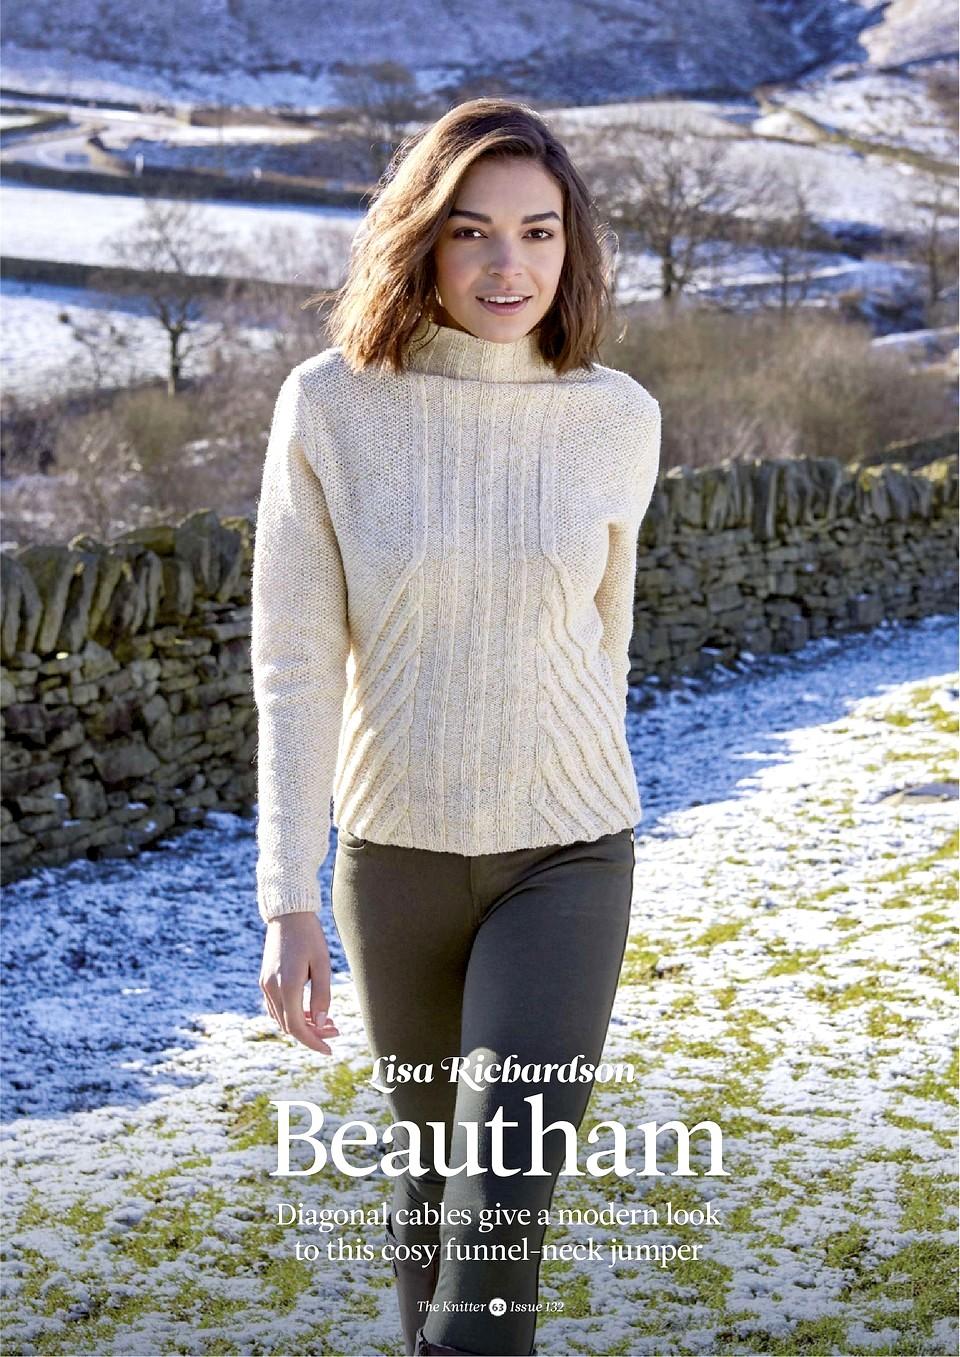 132The-Knitter-064